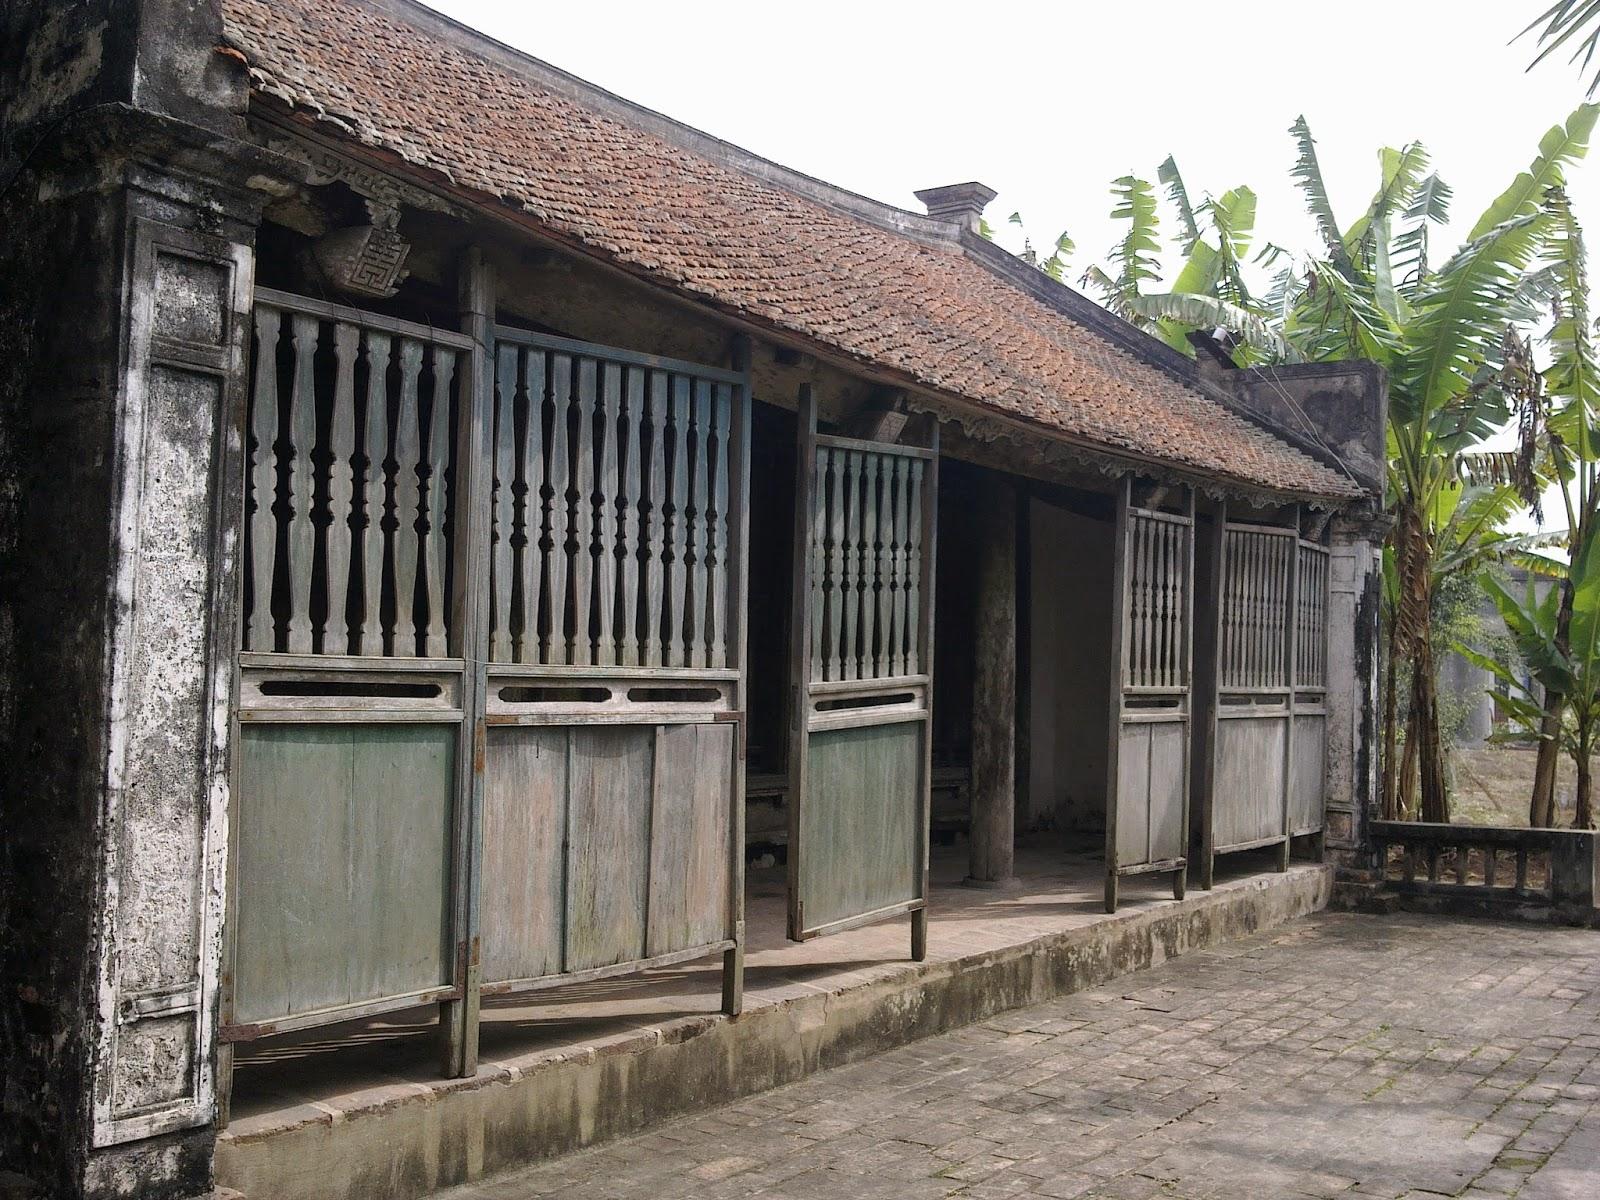 Ngôi nhà cổ của cụ Bá Kiến xưa được bảo tổn để làm du lịch